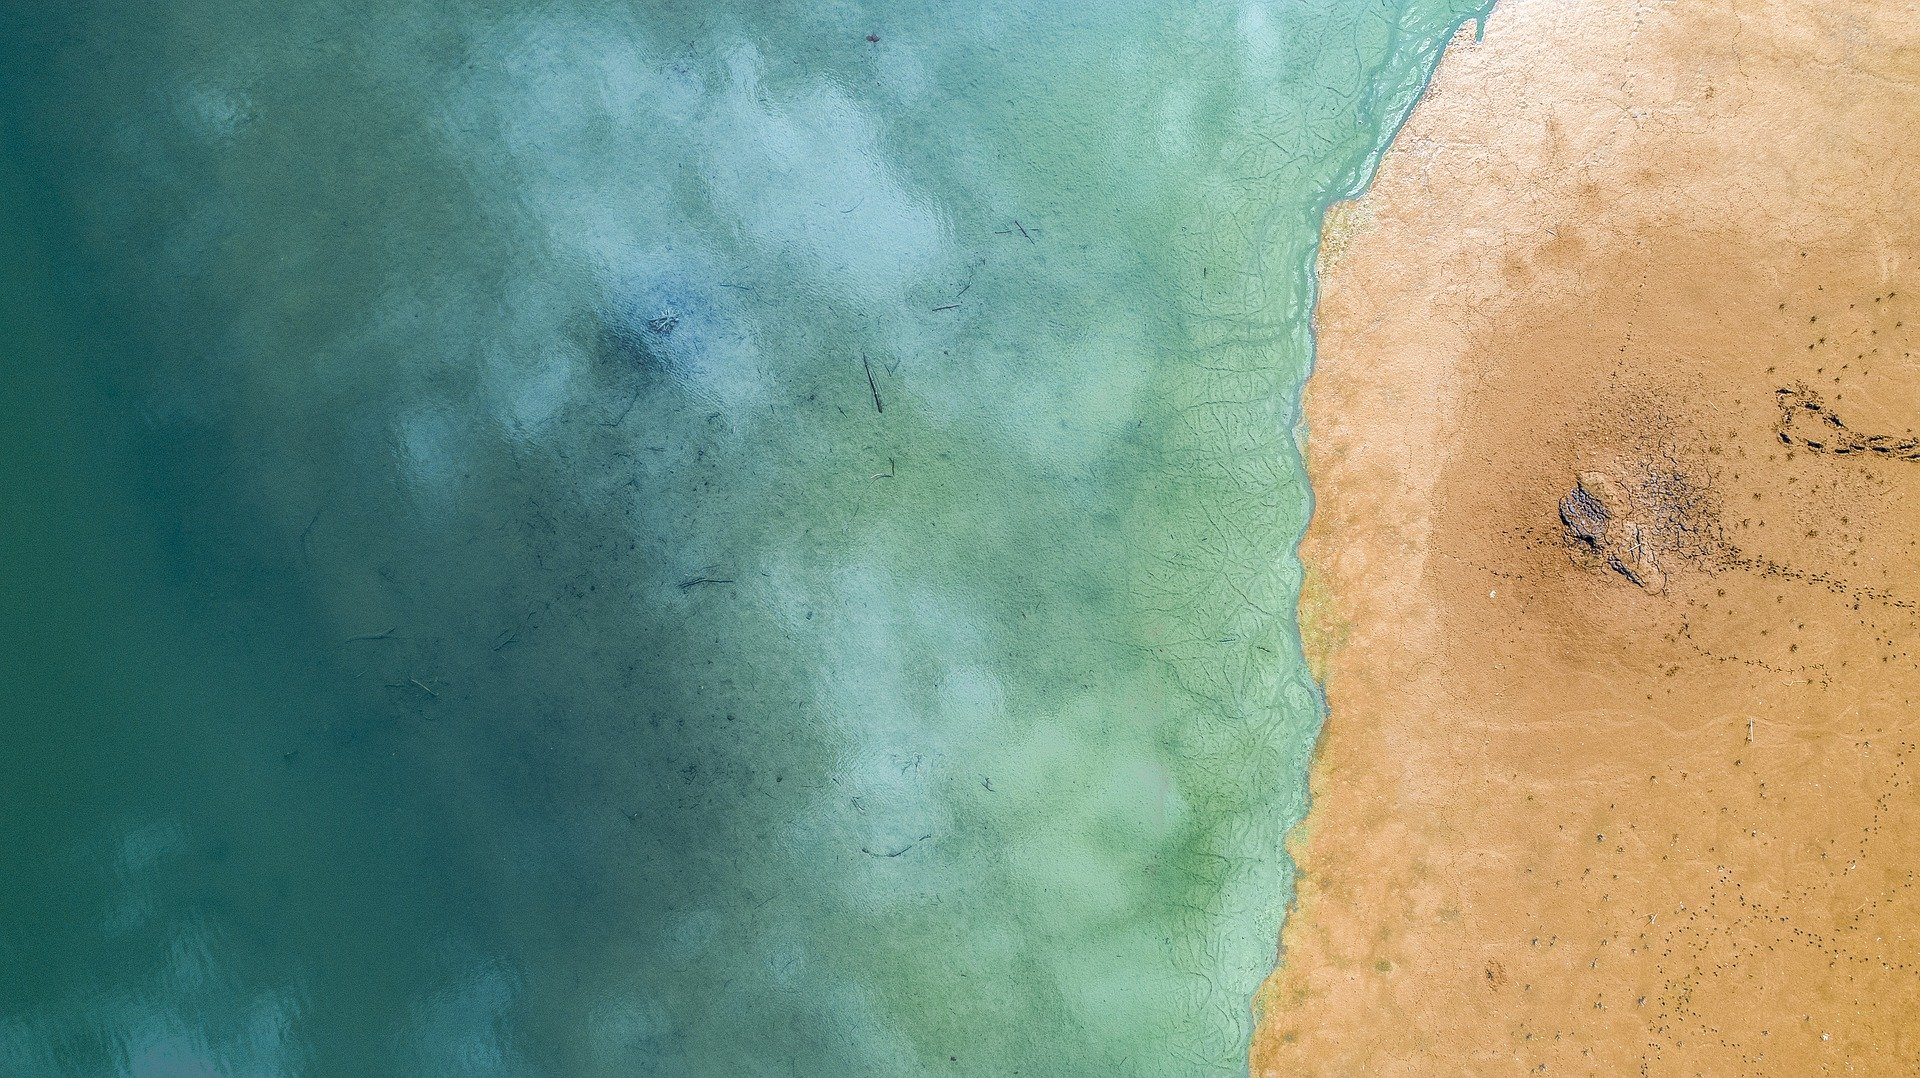 Los sedimentos marinos desempeñan un papel clave en los ecosistemas. Imagen: CSIC /Pixabay